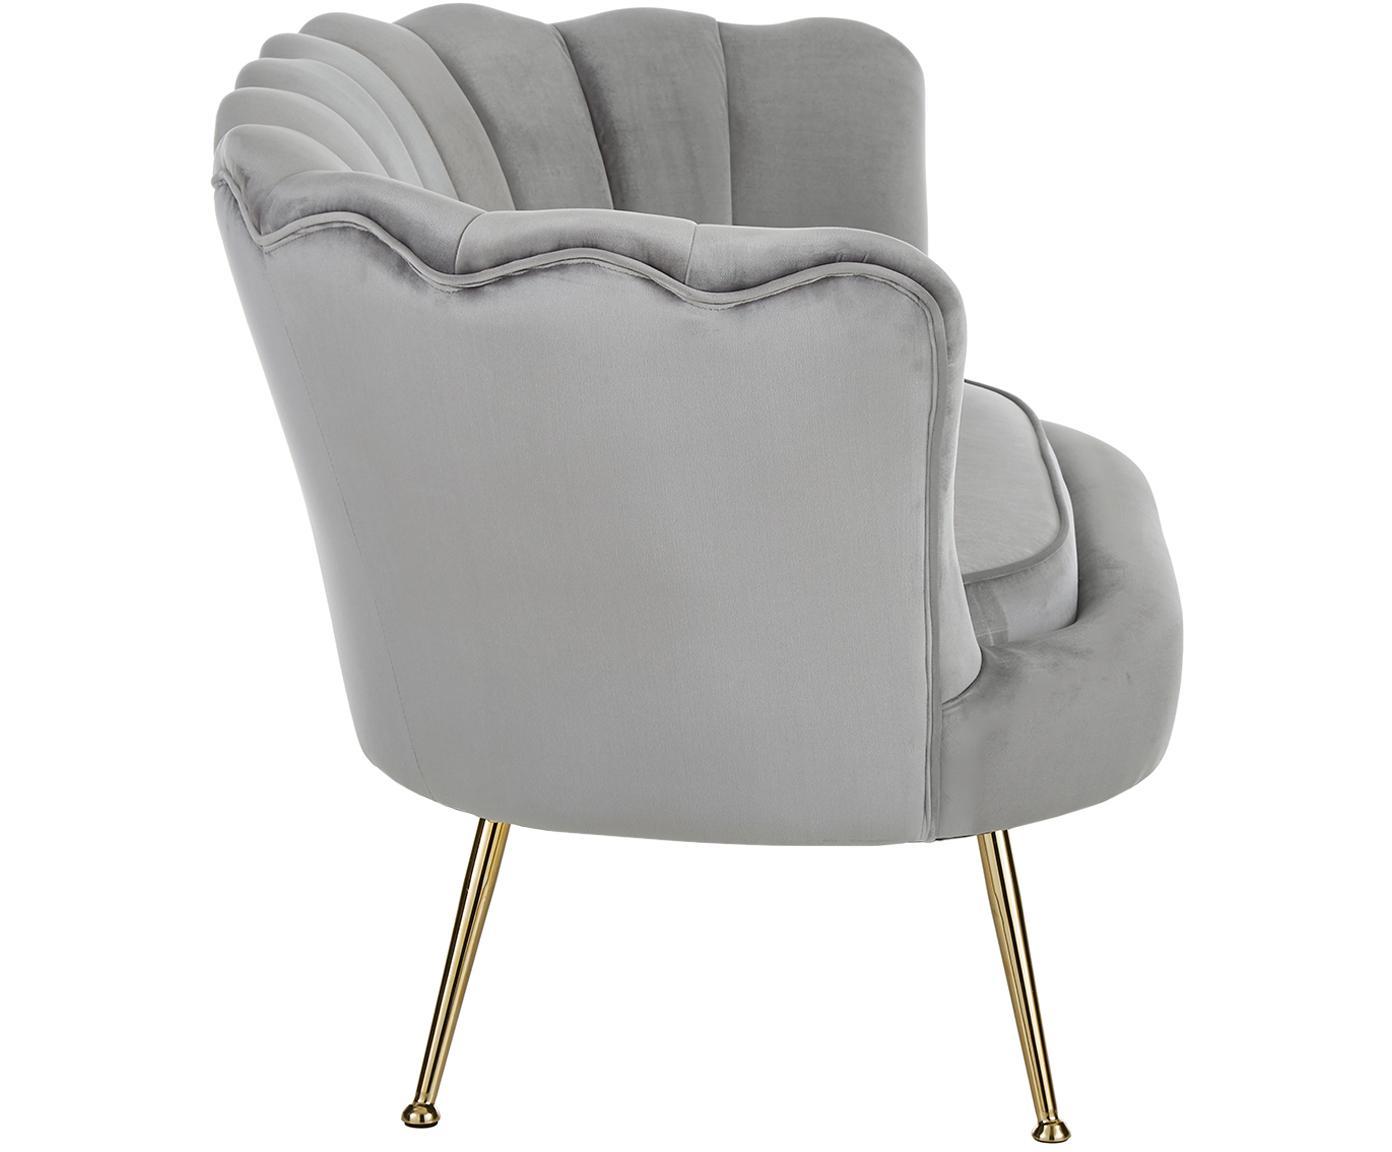 Sofa z aksamitu Oyster (2-osobowa), Tapicerka: aksamit (poliester) 20 00, Stelaż: lite drewno topoli, sklej, Nogi: metal galwanizowany, Szary, S 131 x G 78 cm